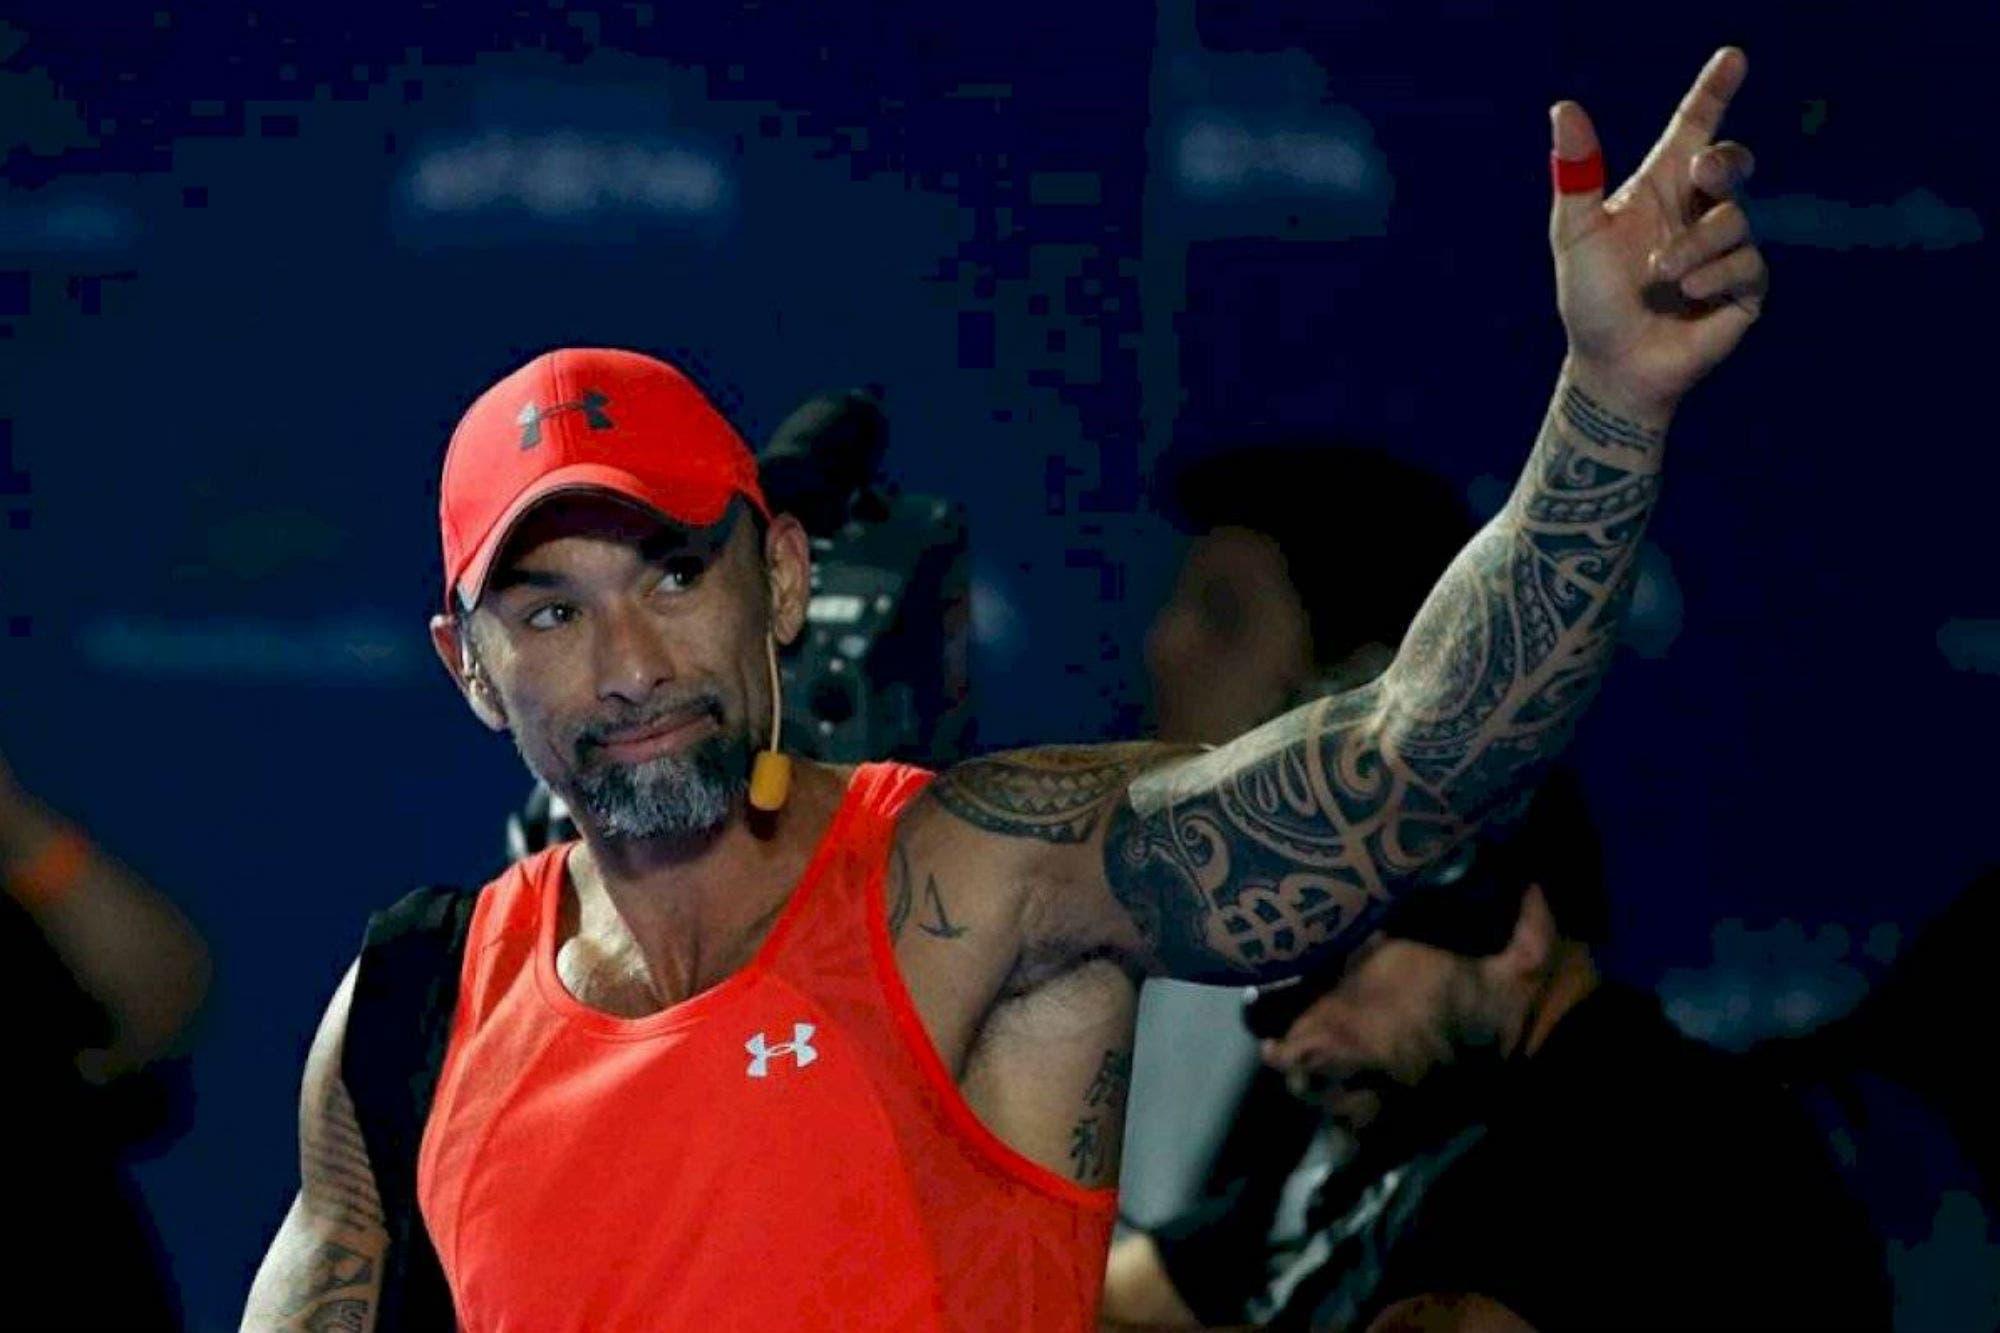 """El ex tenista chileno Marcelo Ríos tildó a Piñera de """"blandito"""", dijo que no le gustan """"los homosexuales"""" y contó el calvario que vive por sus lesiones"""